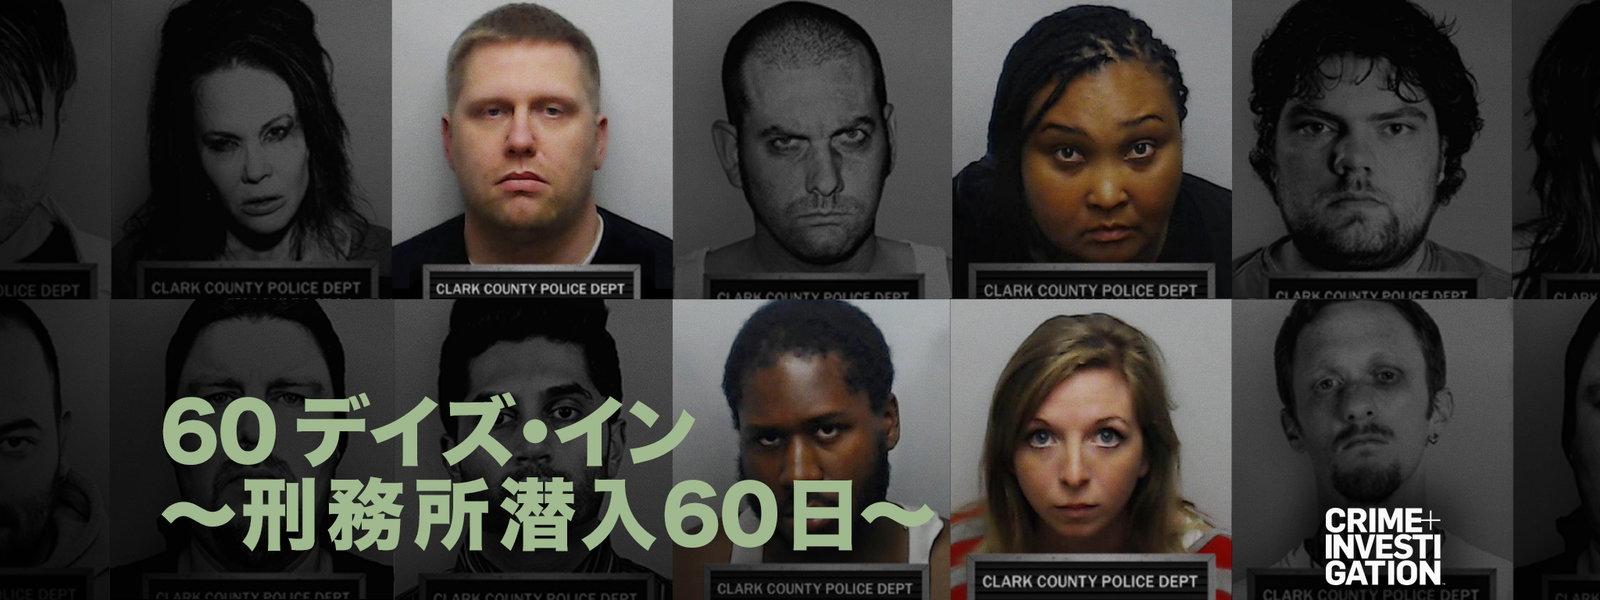 60デイズ・イン ~刑務所潜入60日~ 動画